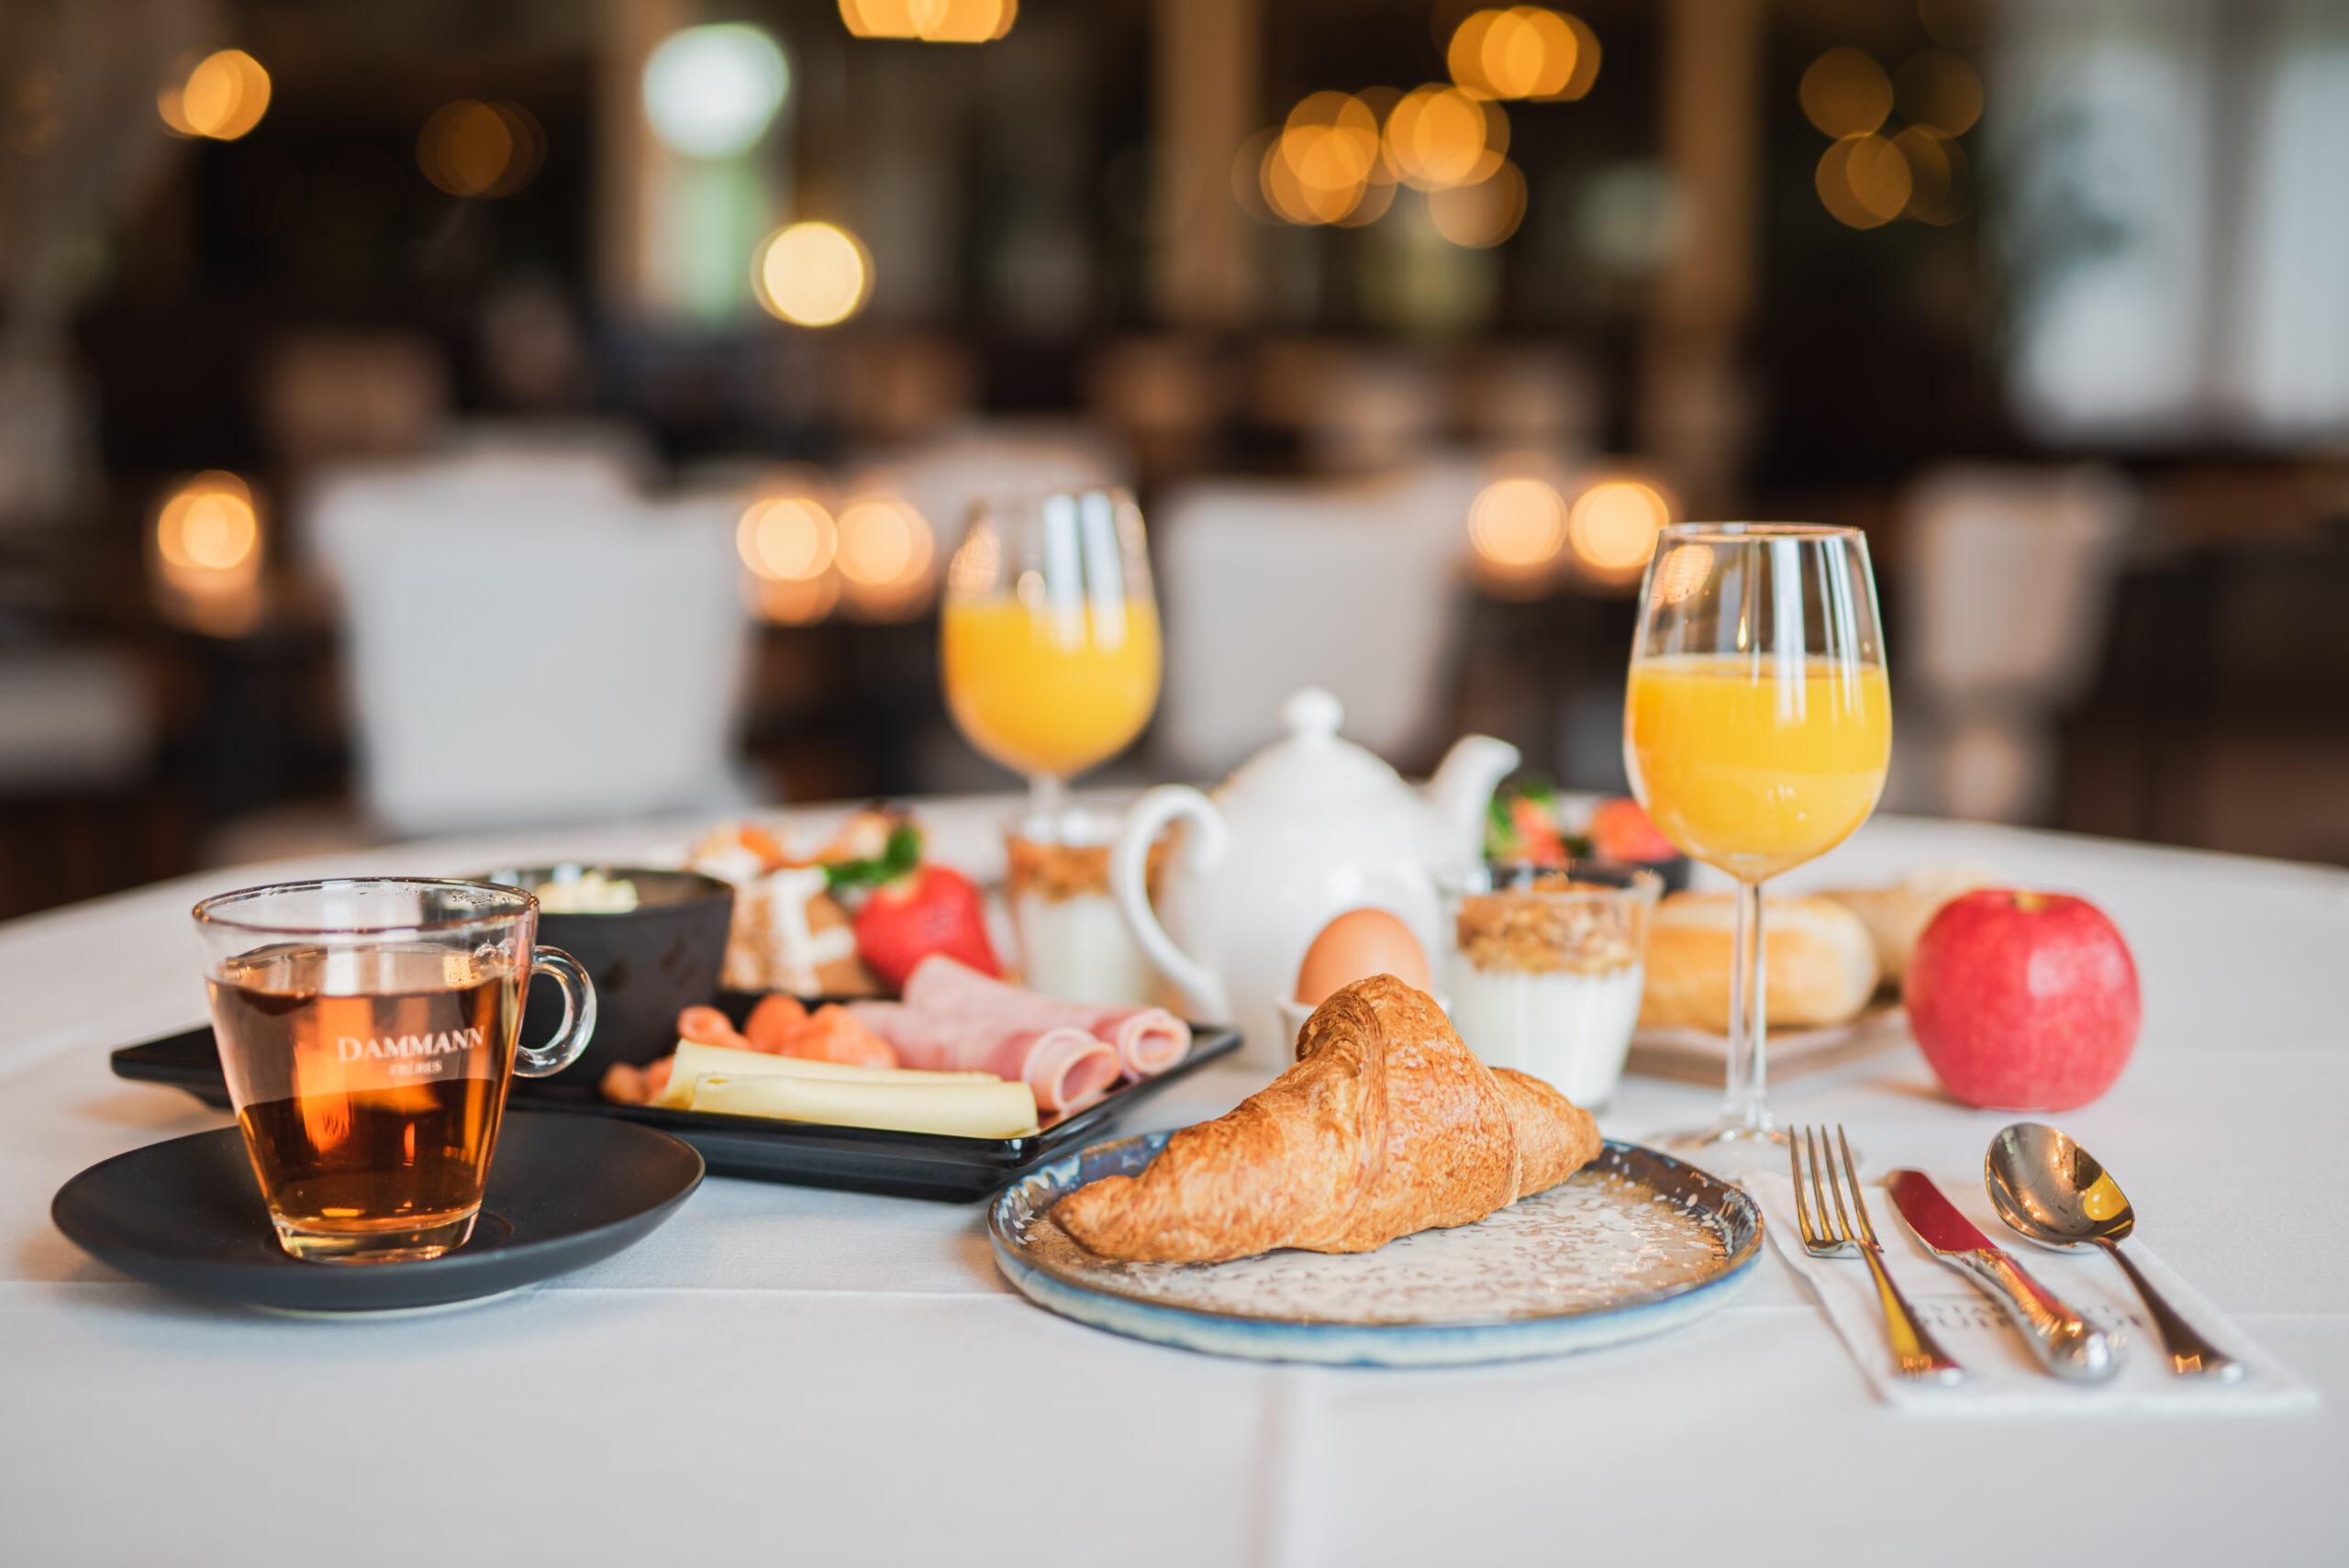 ontbijt met de inhoud van de duinhoek ontbijtbox.